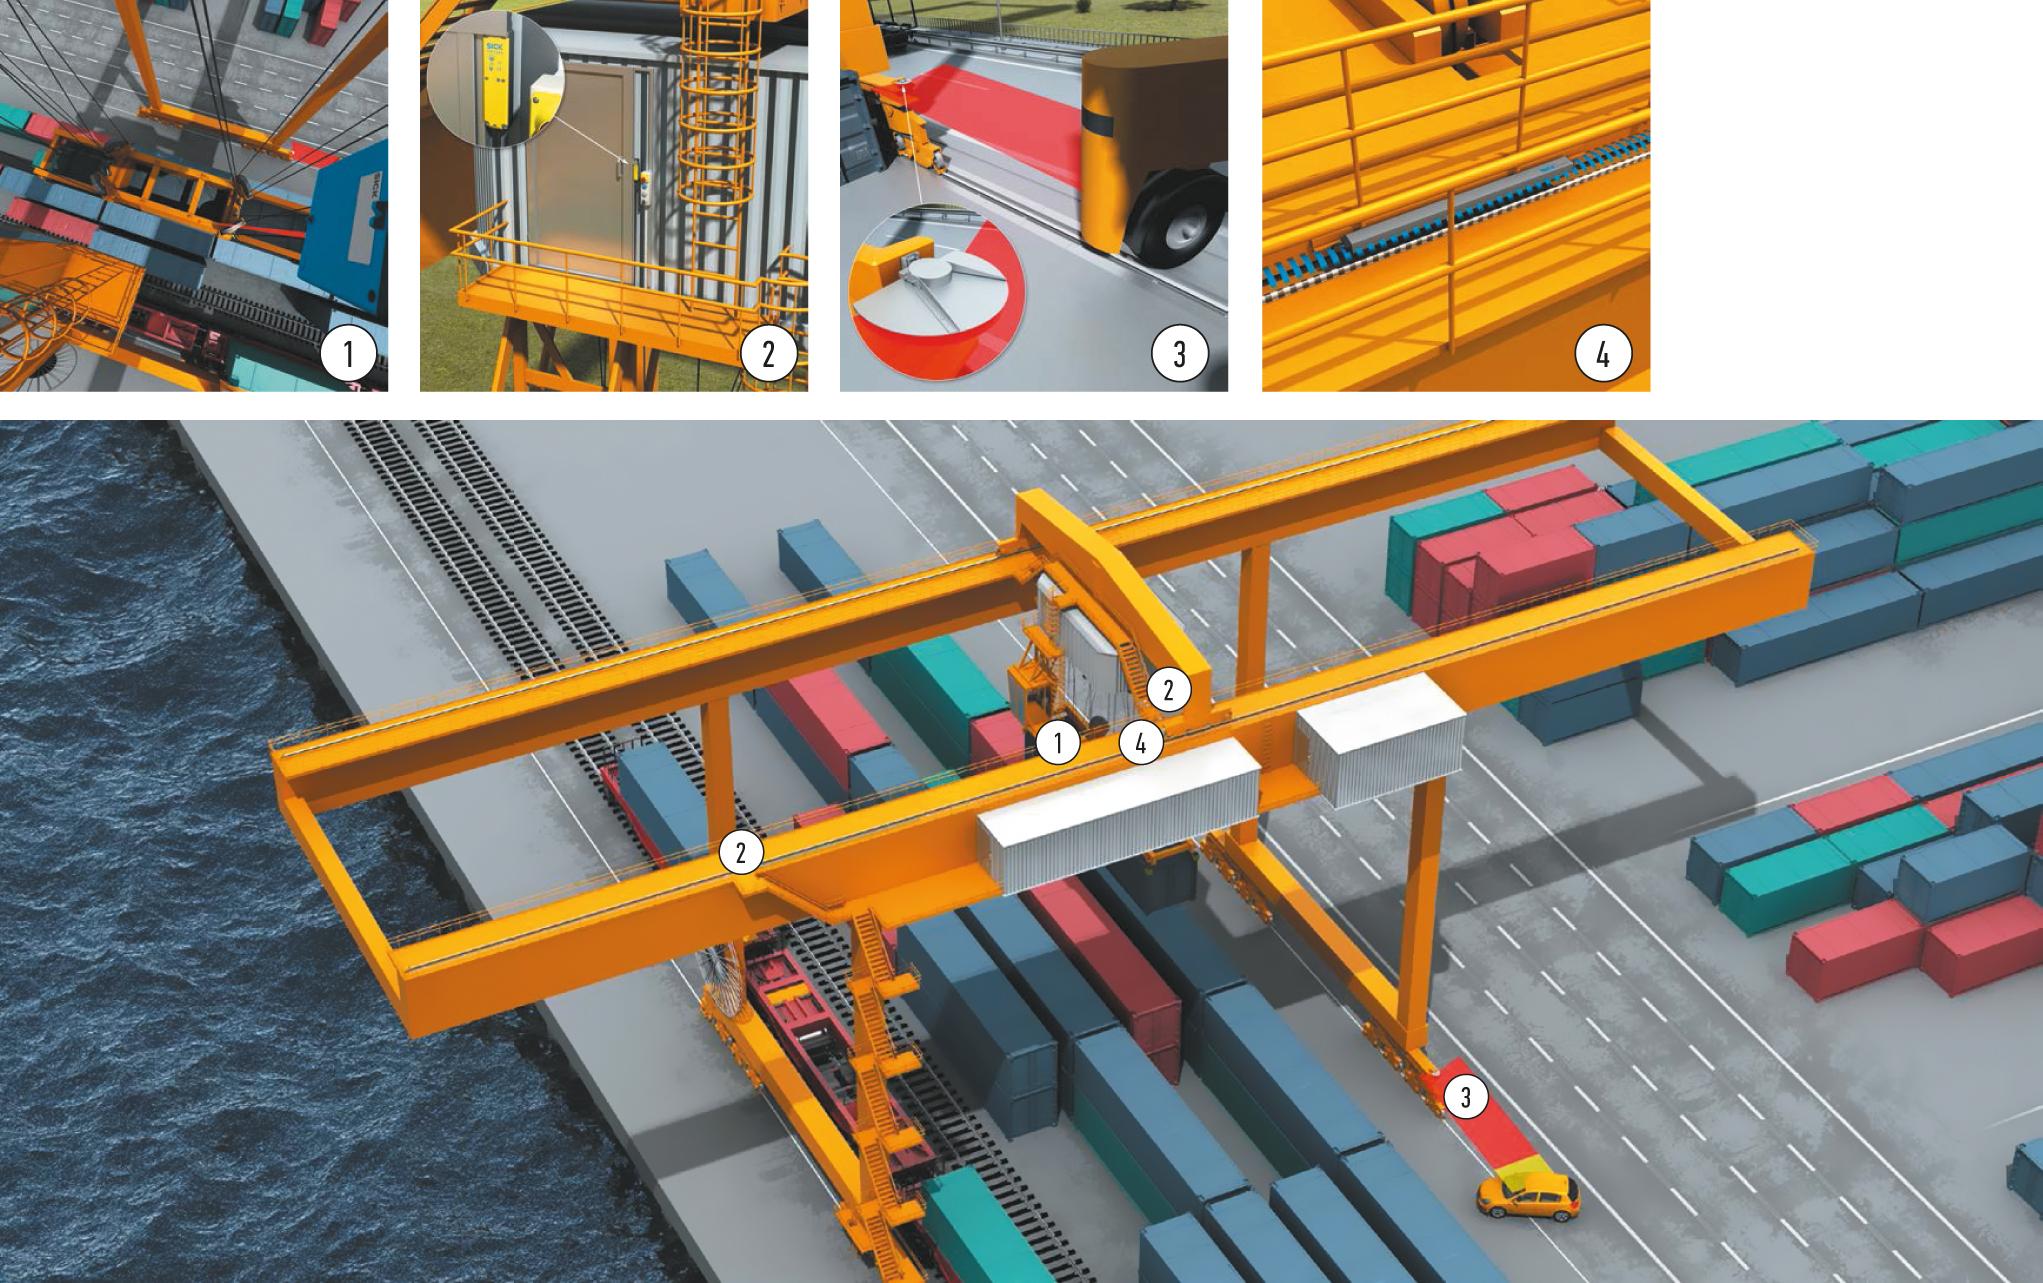 Области применения и назначение оборудования компании SICK для обеспечения безопасности при интермодальных  грузовых операциях